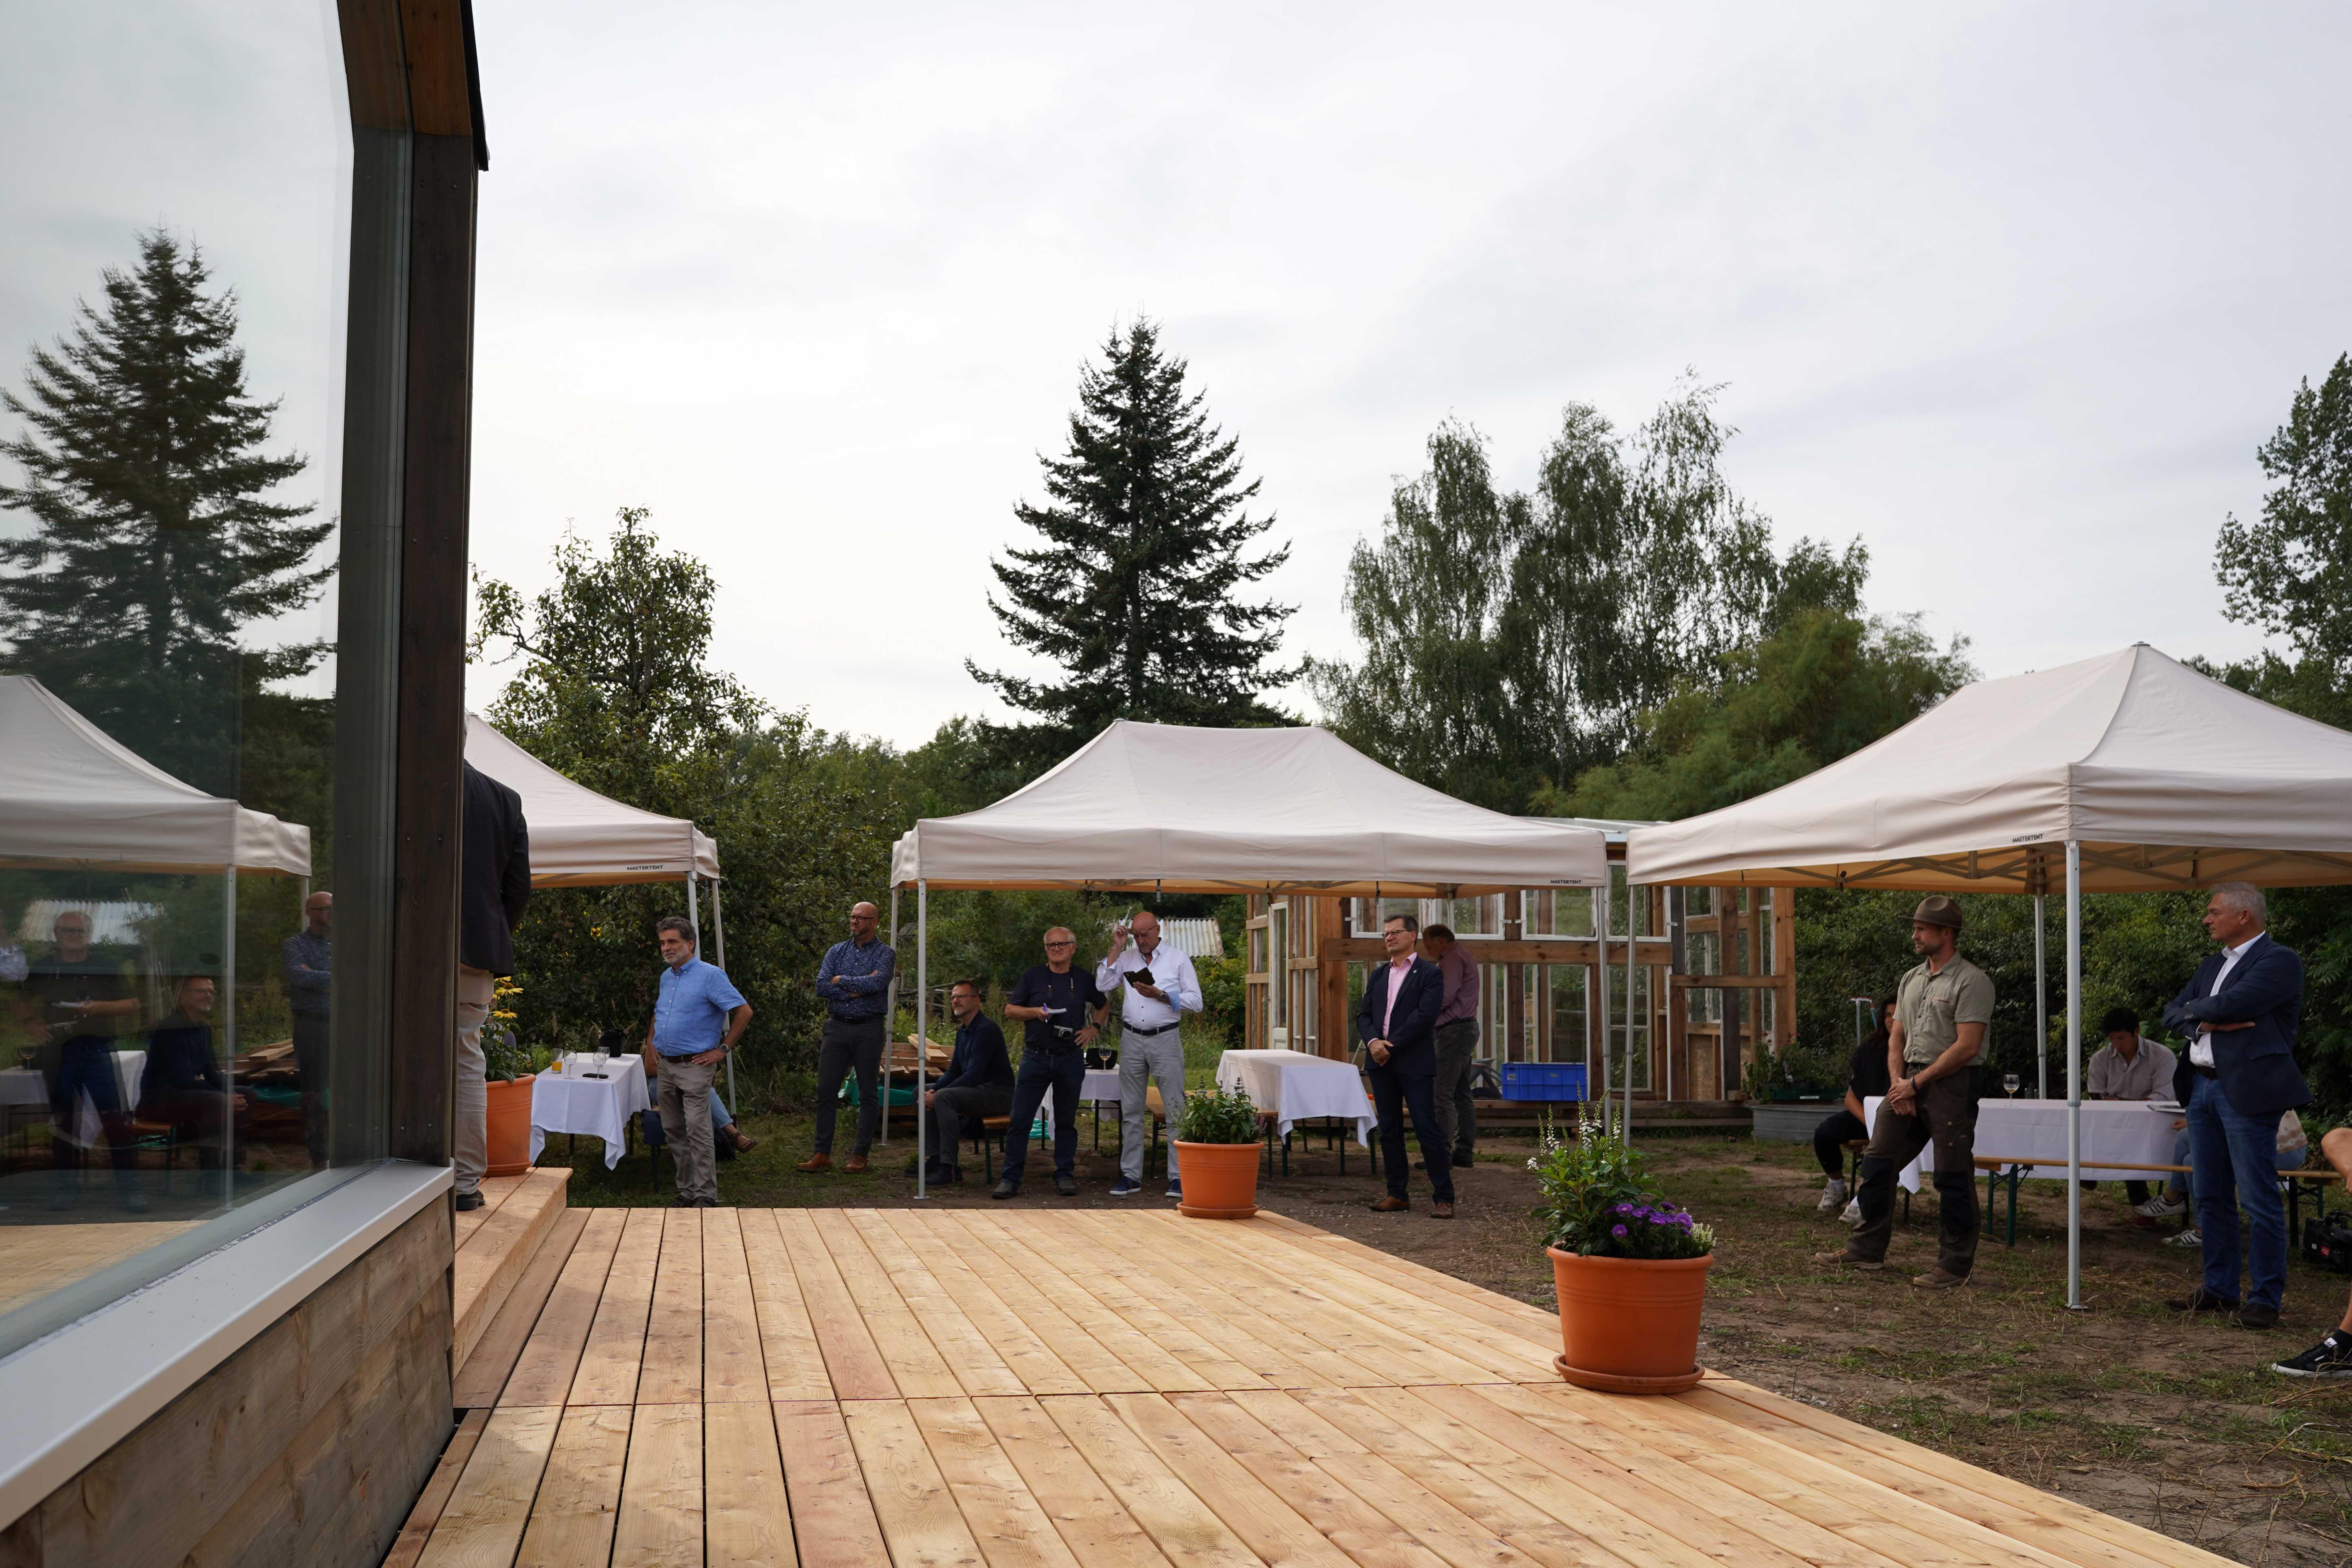 Gäste bei der Eröffnung des Tiny Houses in Raddusch. Foto: Valentina Troendle